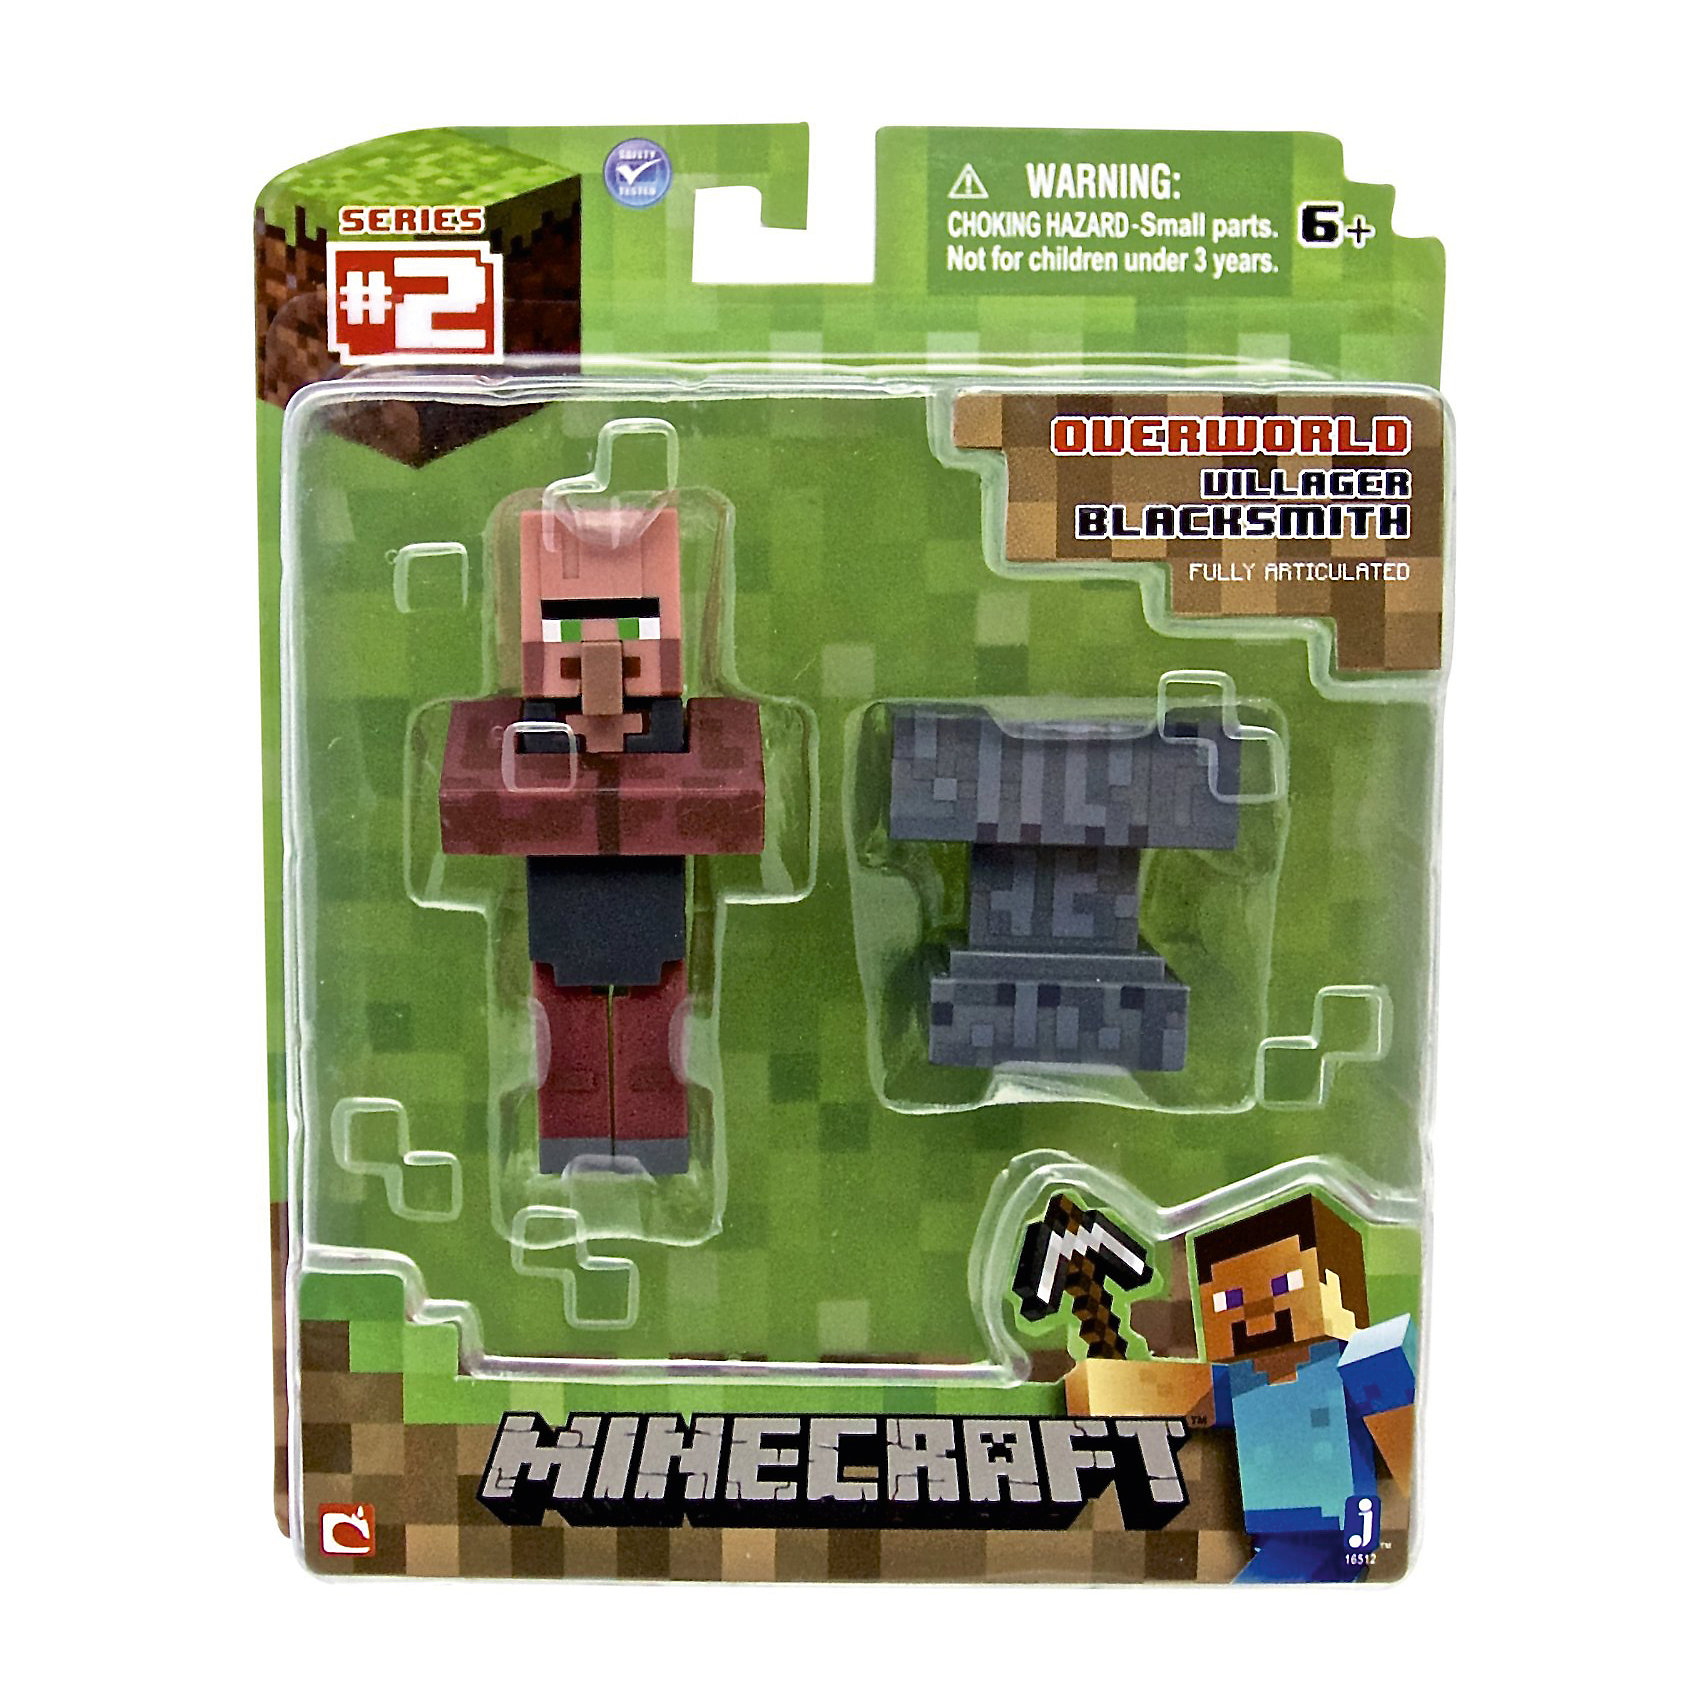 Игровой набор Деревенский житель, MinecraftКоллекционные и игровые фигурки<br>Игровой набор Деревенский житель, Minecraft – это прекрасный подарок для поклонника популярной игры Minecraft.<br>Игровой набор Деревенский житель приведет в восторг поклонников компьютерной игры Minecraft. Теперь ваш ребенок сможет отвлечься от компьютера или планшета, не отрываясь от любимой забавы! Выполненный из высококачественного пластика, комплект включает подвижную фигурку дружелюбного моба кузнеца и элемент фантастического мира - наковальню. У фигурки кузнеца вращается голова, и сгибаются ручки и ножки. Кузнец может держать в руках различные предметы. Фигурка прекрасно детализирована, реалистично раскрашена.<br><br>Дополнительная информация:<br><br>- В наборе: подвижная фигурка деревенского жителя (кузнеца), наковальня<br>- Размер фигурки кузнеца: 7,5х3,5х2 см.<br>- Материал: пластик<br>- Упаковка: блистер<br>- Размер упаковки: 14х17 см.<br><br>Игровой набор Деревенский житель, Minecraft можно купить в нашем интернет-магазине.<br><br>Ширина мм: 145<br>Глубина мм: 50<br>Высота мм: 175<br>Вес г: 100<br>Возраст от месяцев: 72<br>Возраст до месяцев: 144<br>Пол: Унисекс<br>Возраст: Детский<br>SKU: 4655078